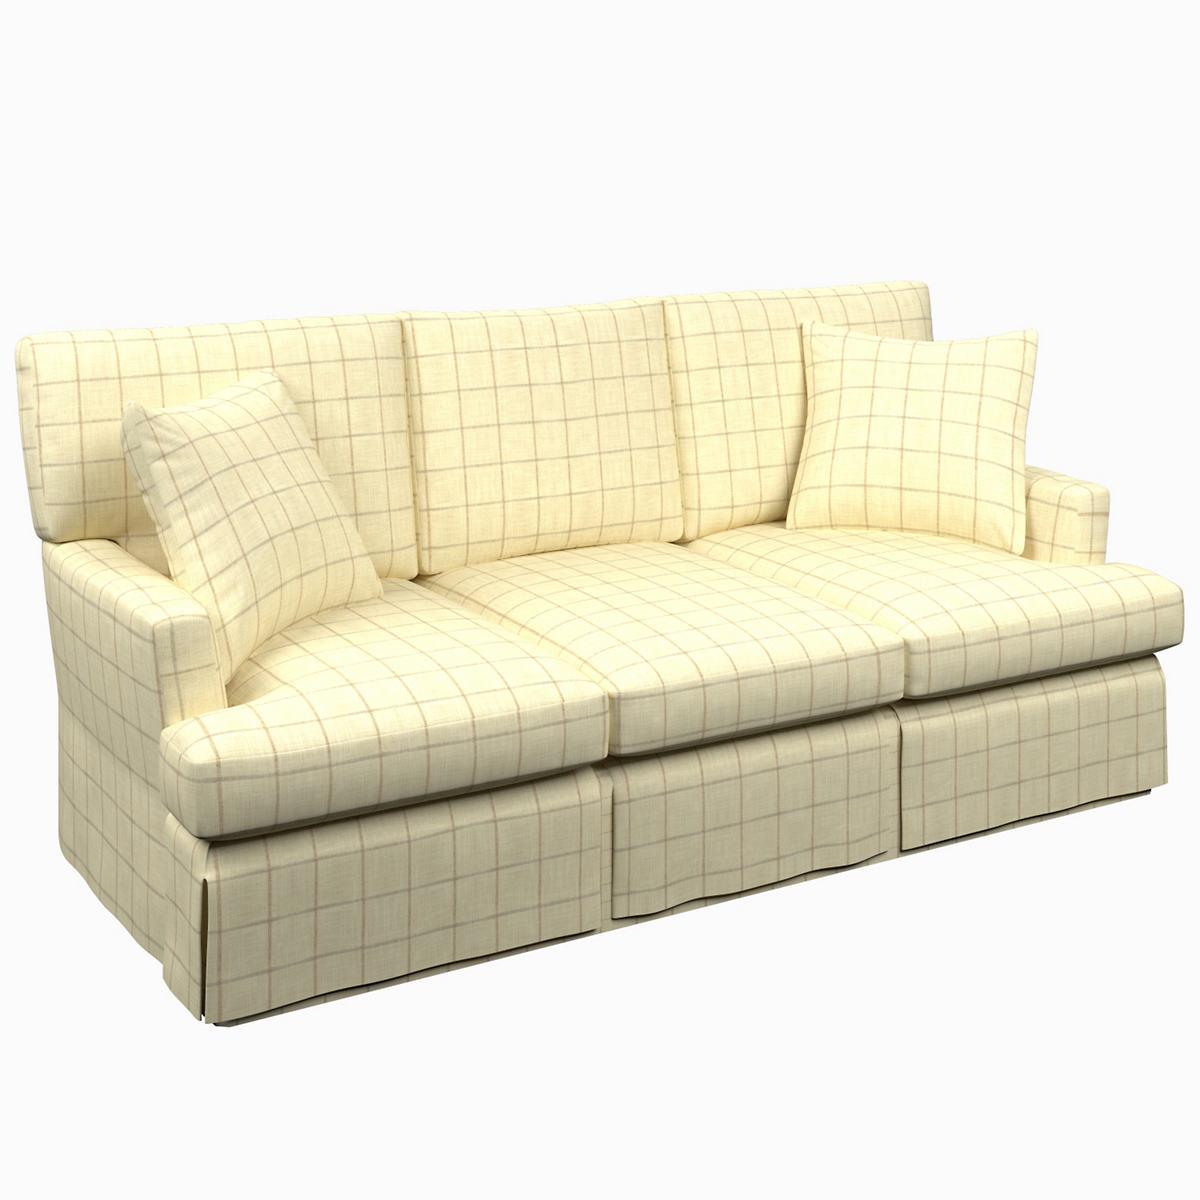 Chatham Tattersall Natural/Grey Saybrook 3 Seater Slipcovered Sofa